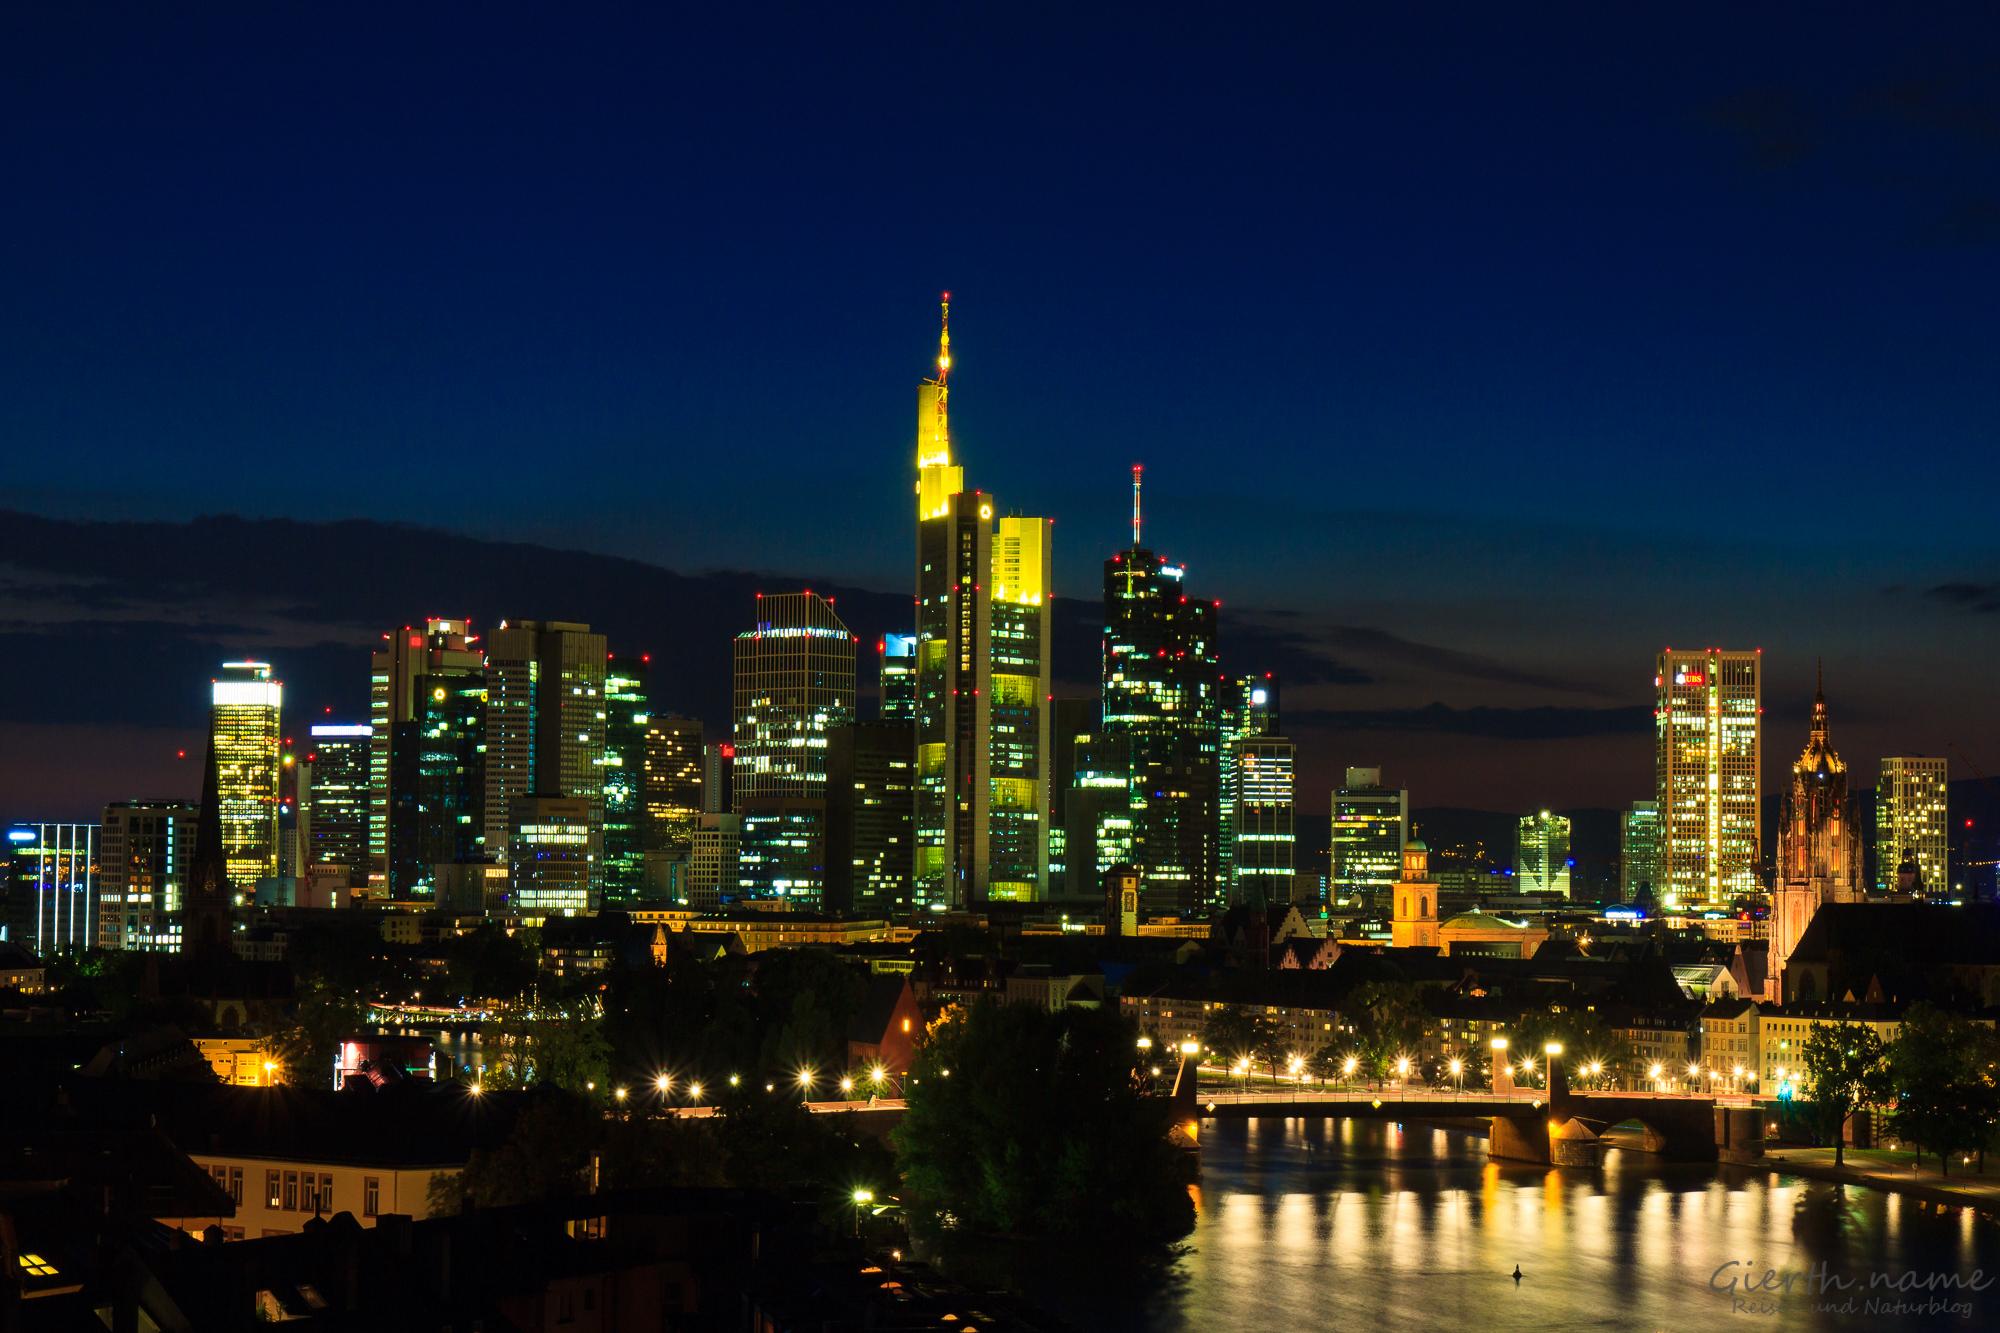 Frankfurt Mainhatten bei Nacht vom Lindner Mainplaza fotografiert